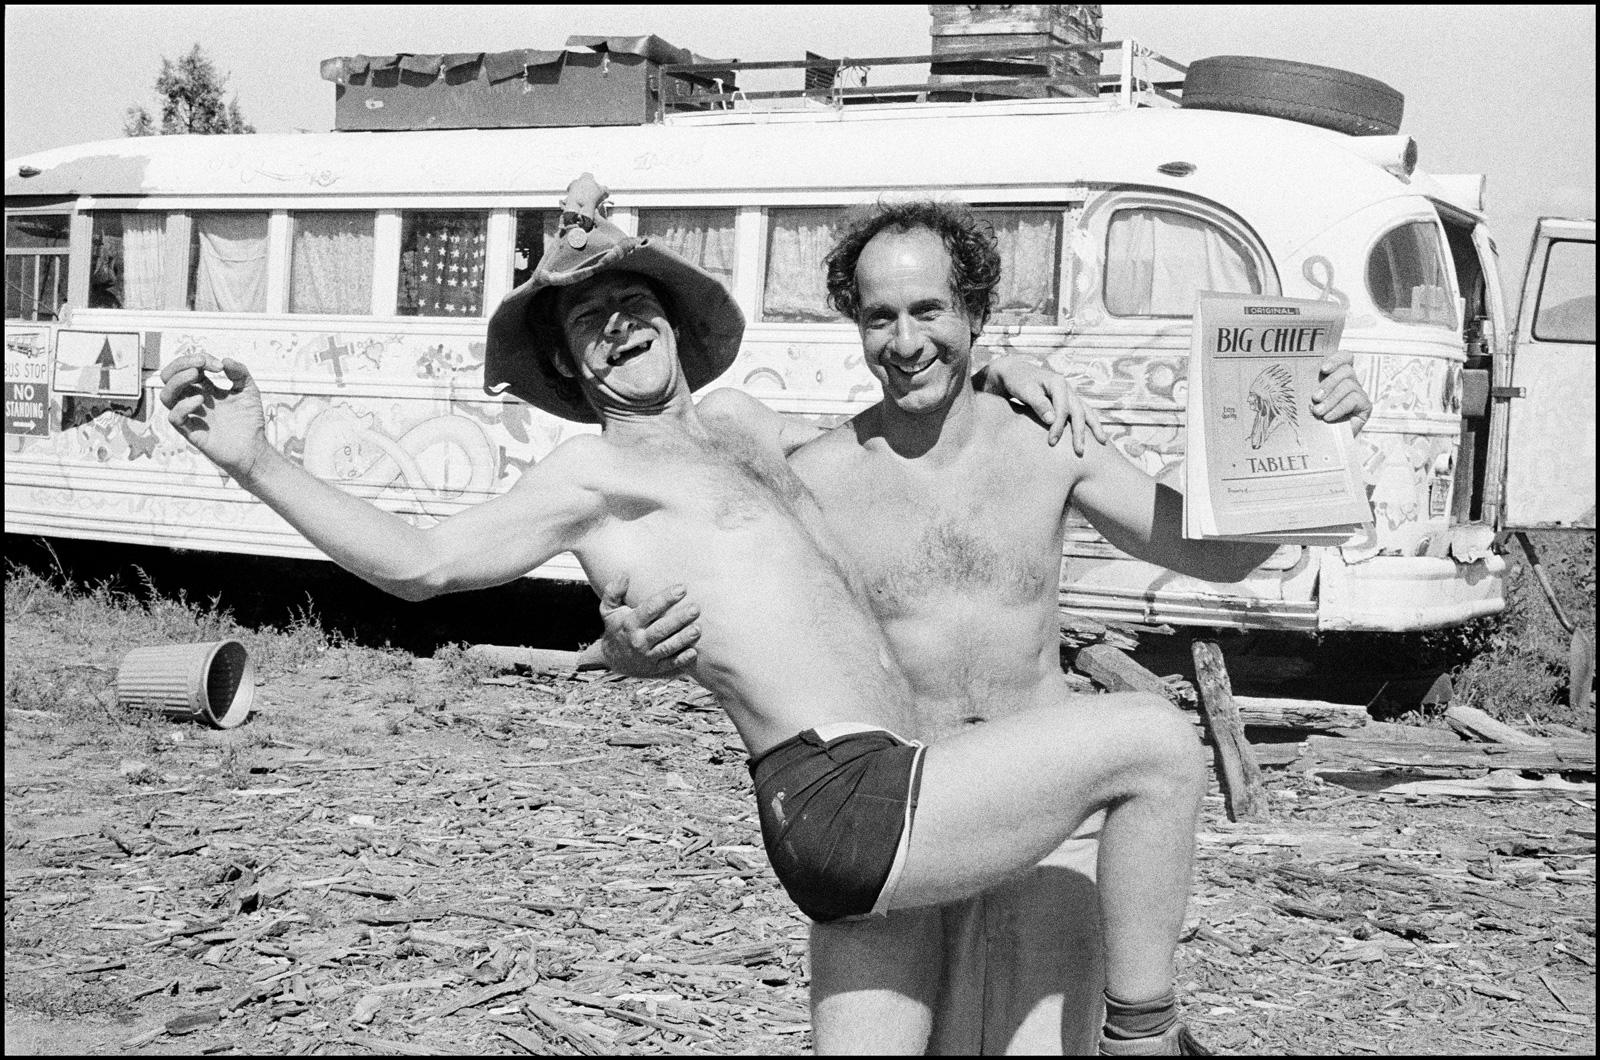 Wavy Gravy (Hugh Romney) and Robert Frank at the Hog Farm, Taos, New Mexico, 1969